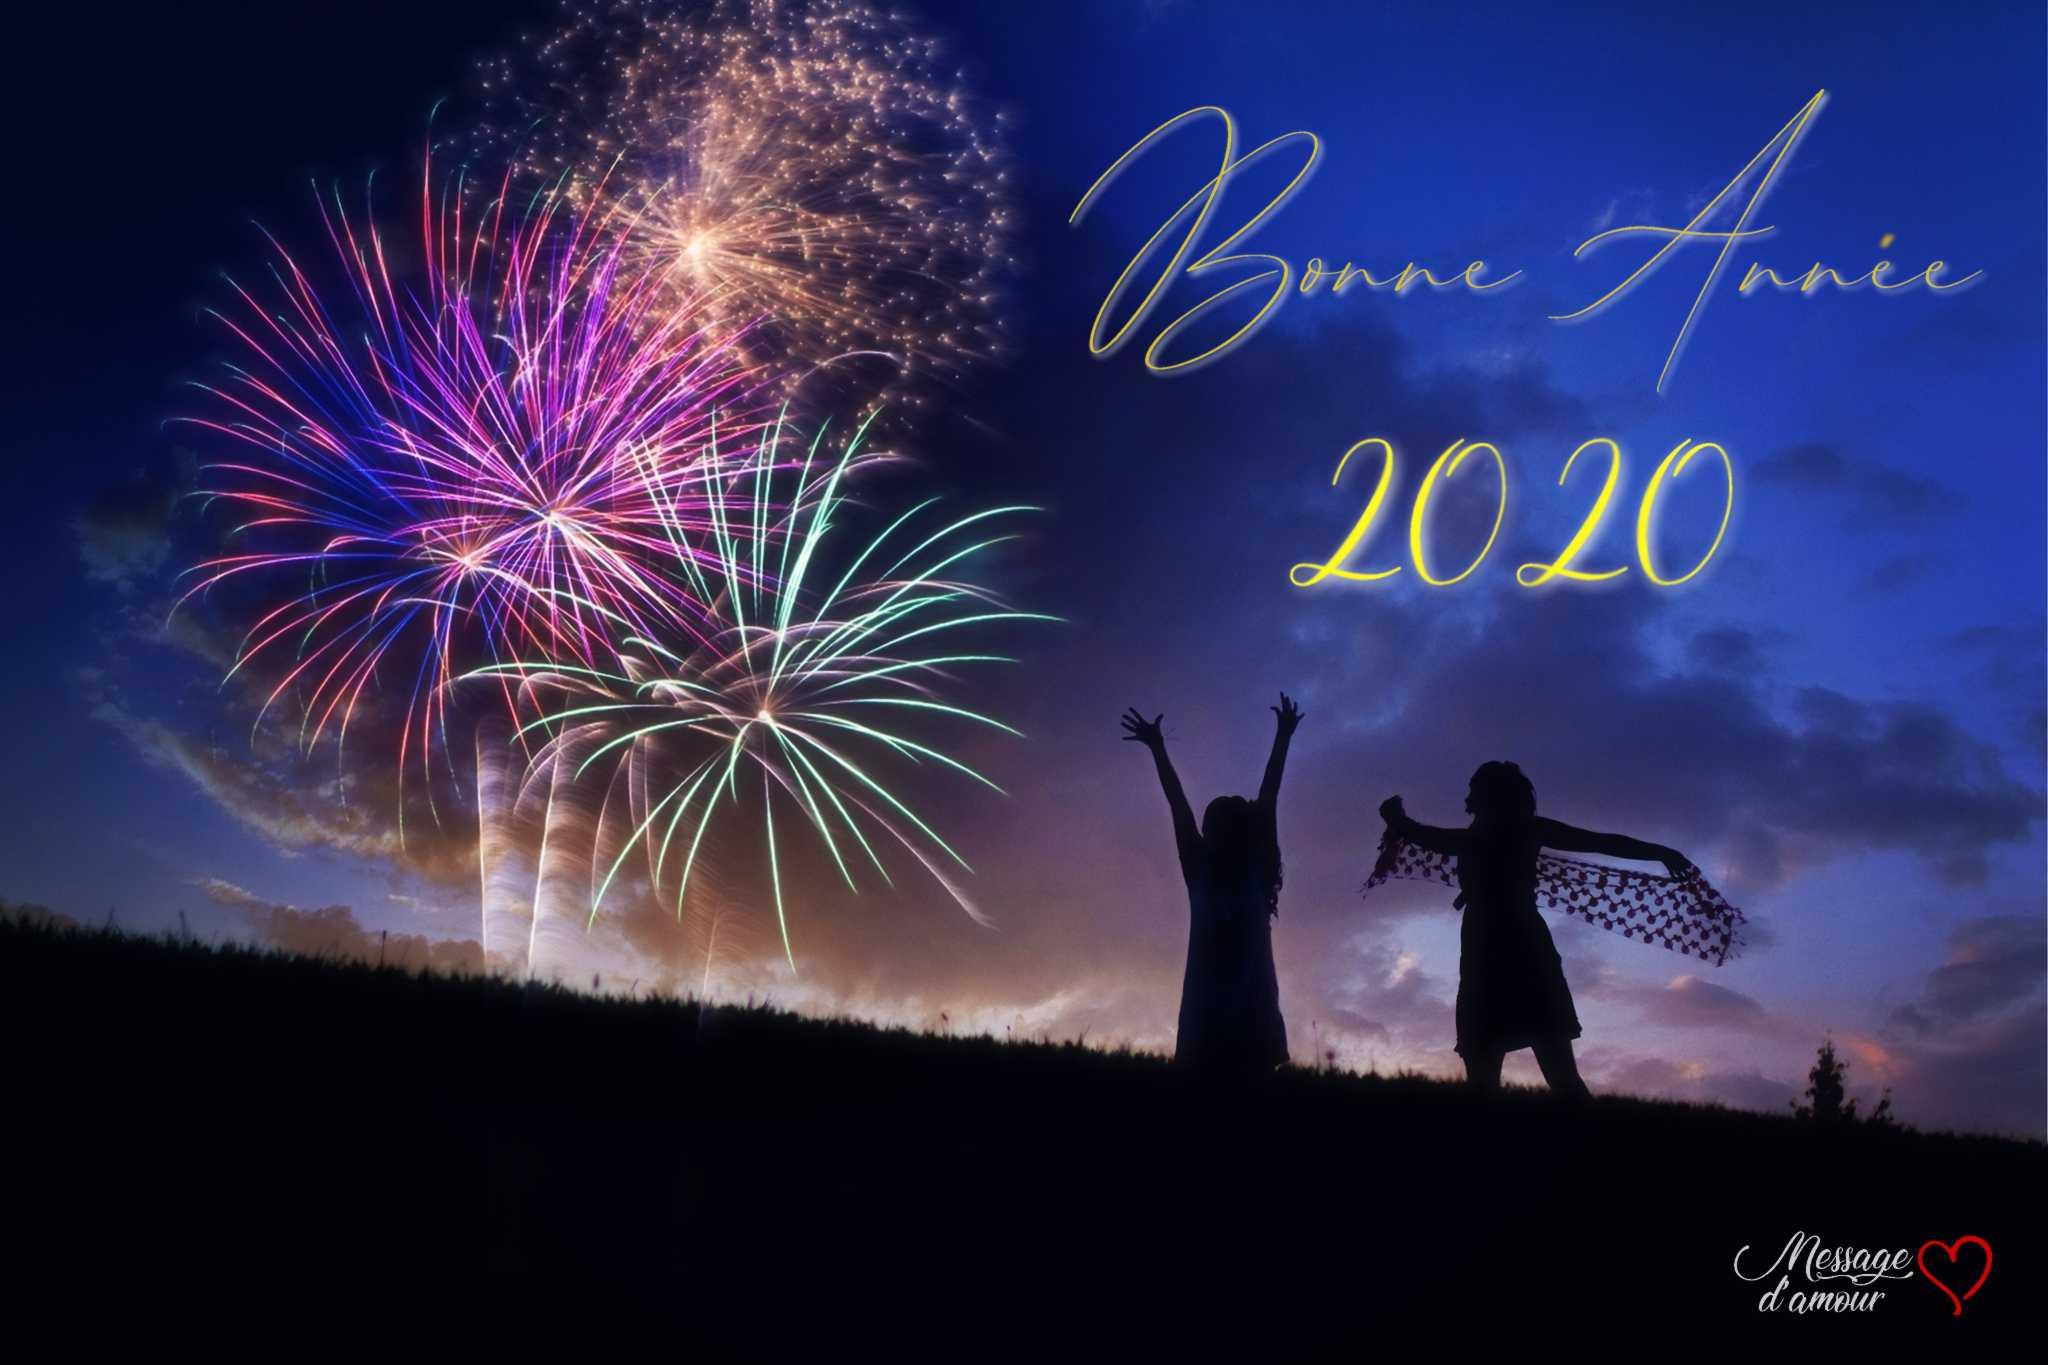 Bonne Année 2020 Idées Textes De Voeux Message Damour